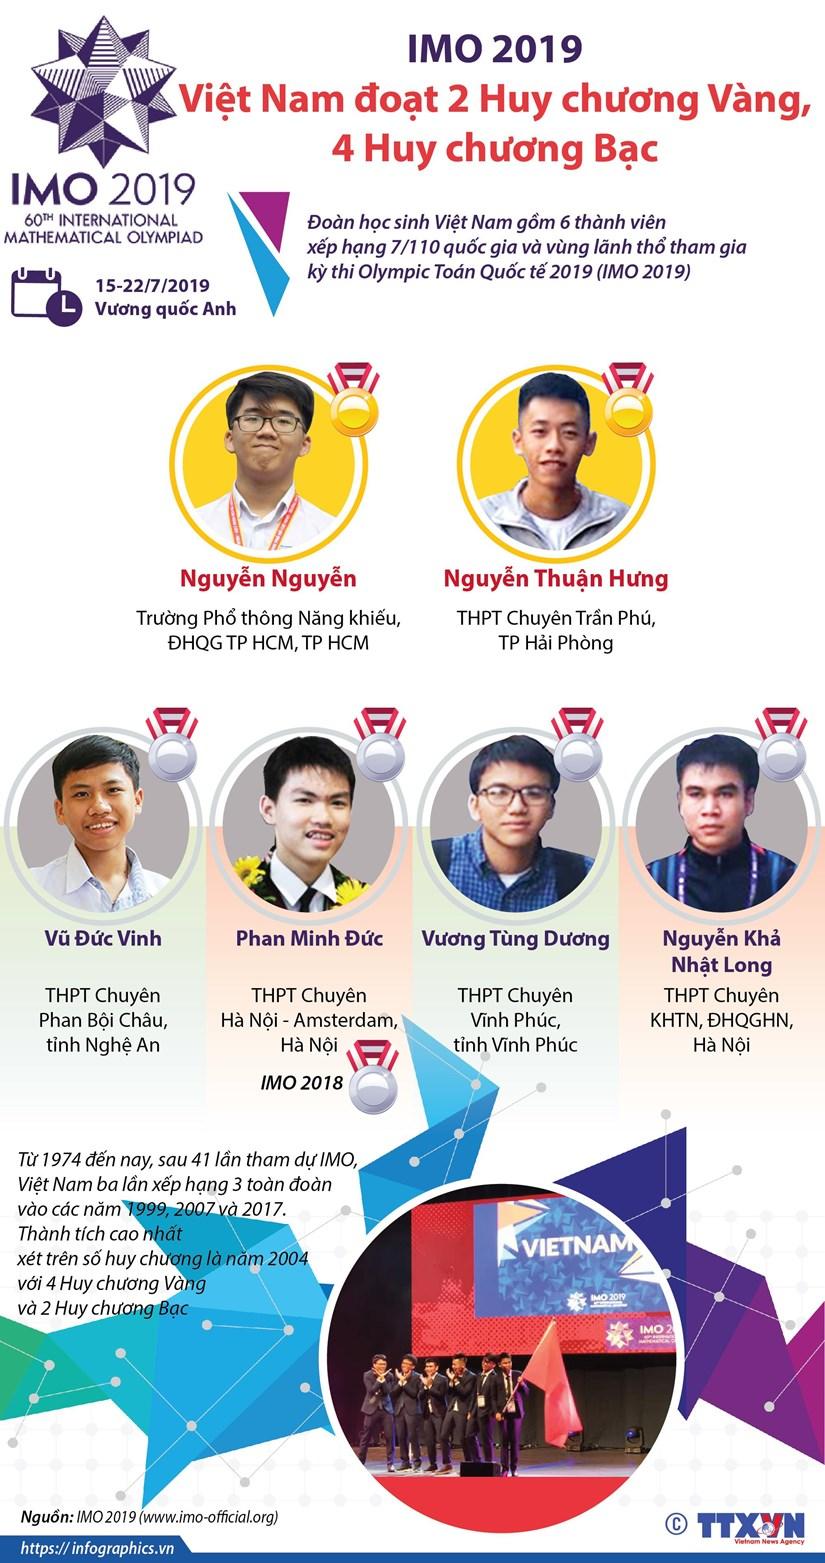 IMO 2019: Việt Nam đoạt 2 huy chương vàng, 4 huy chương bạc